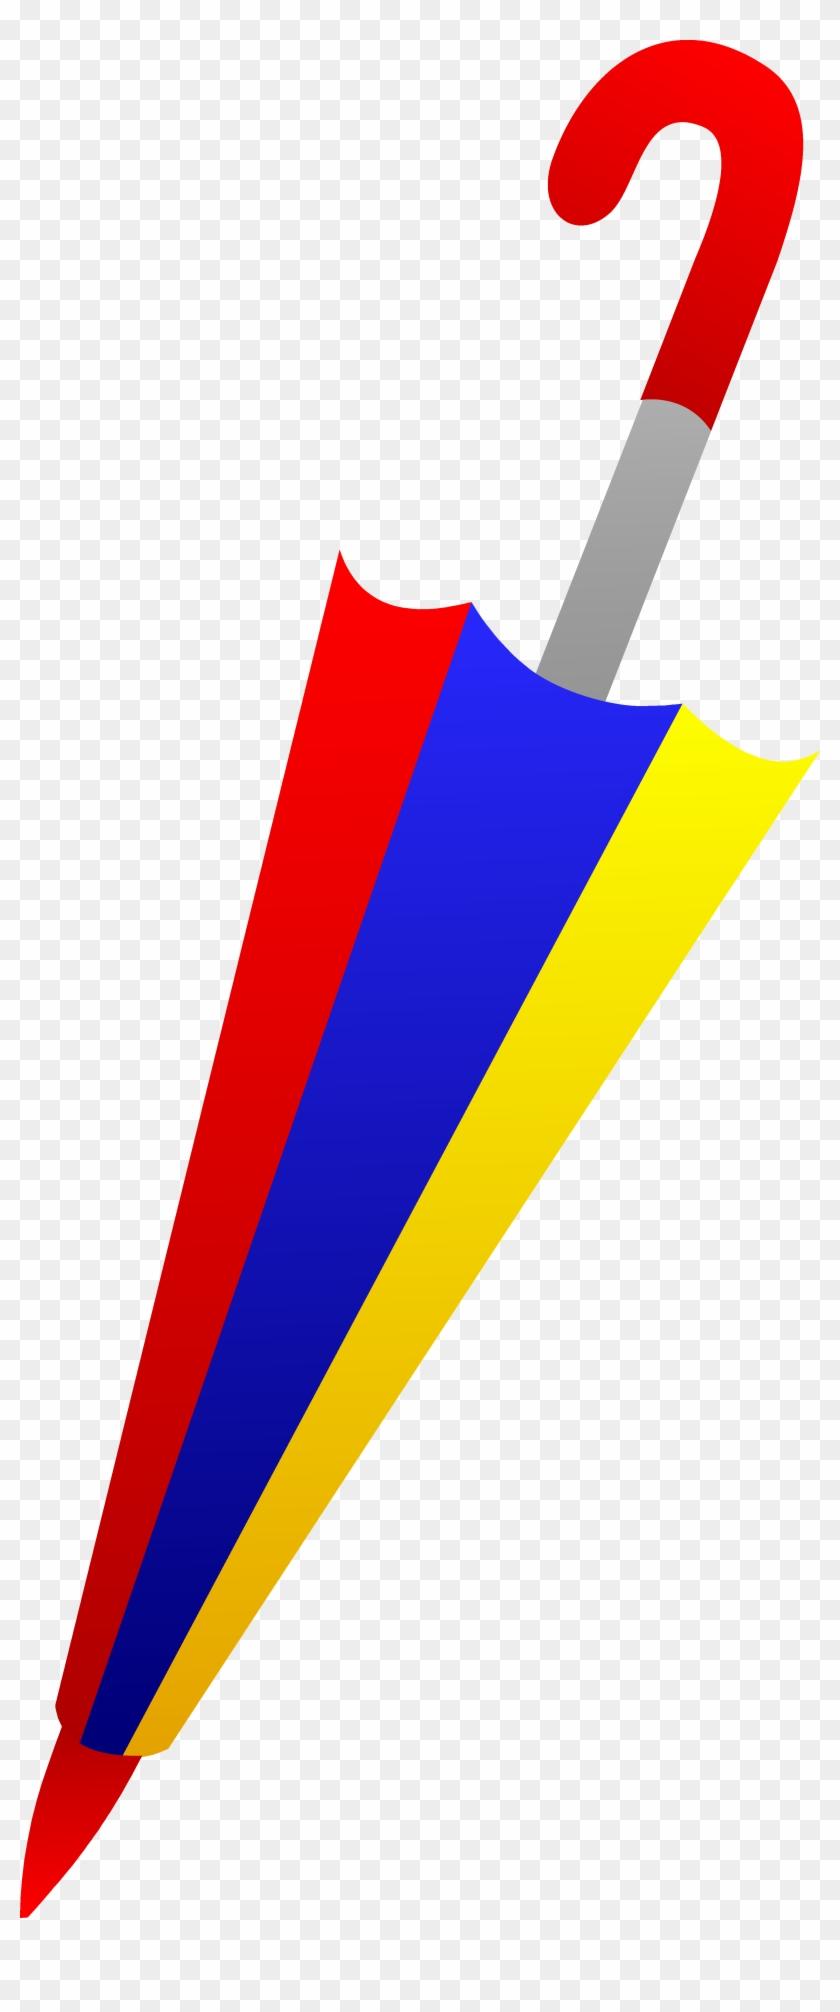 Closed Umbrella Clip Art - Folded Umbrella Clip Art #9533